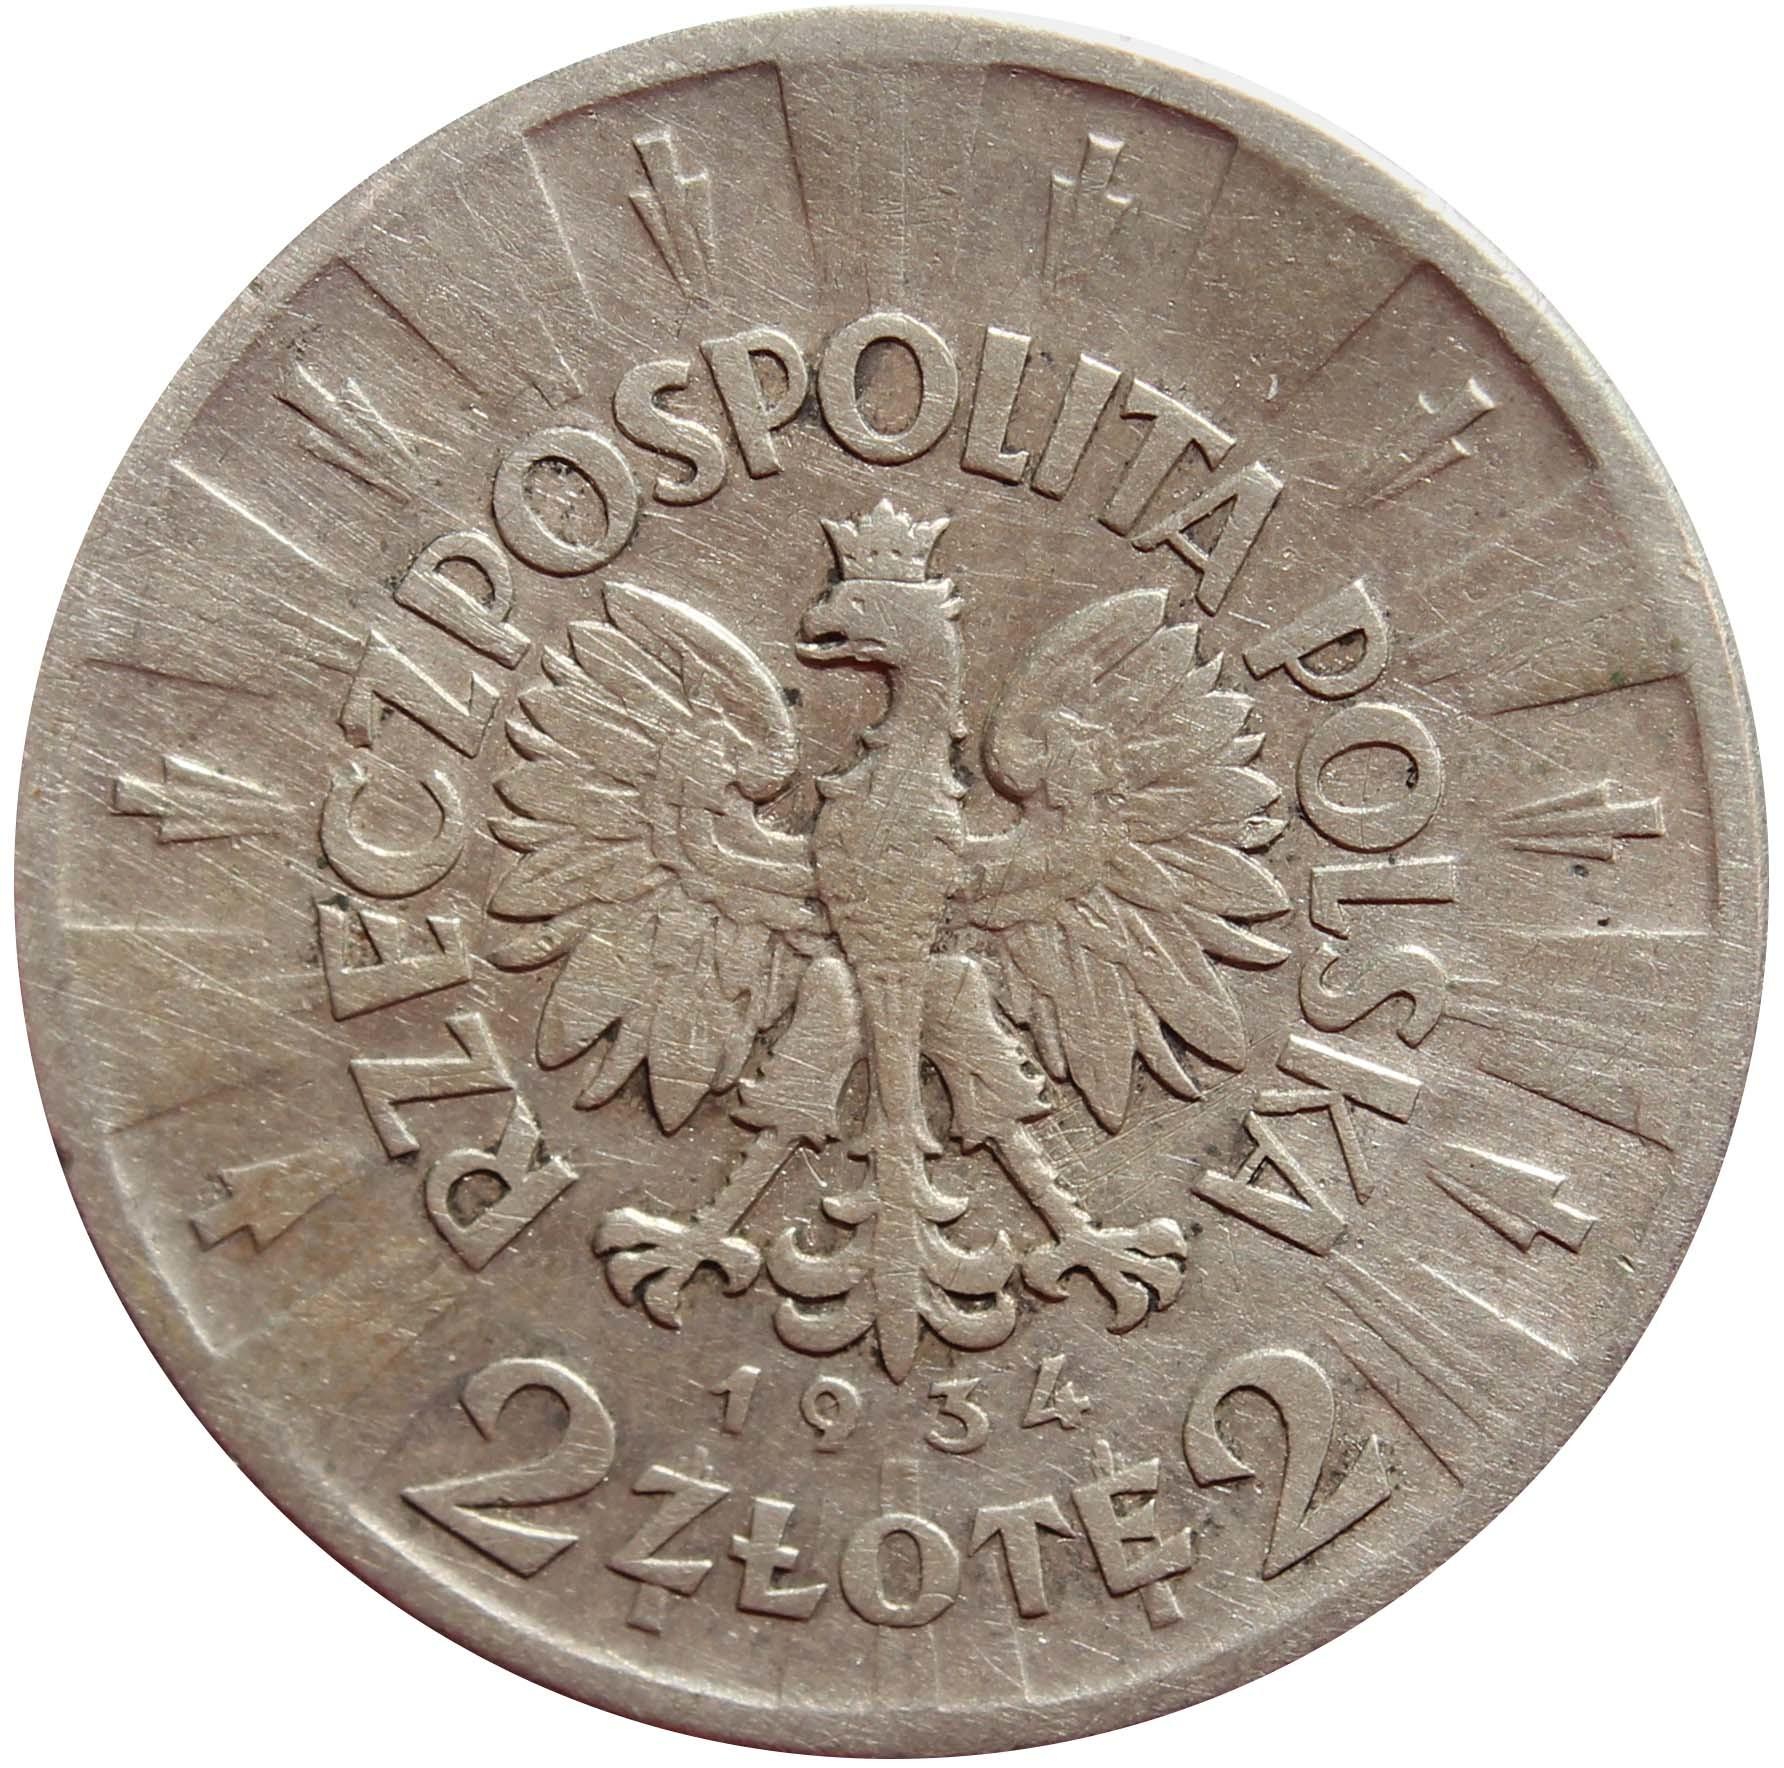 2 золотых. Юзеф Пилсудский. Польша. 1934 г. VF